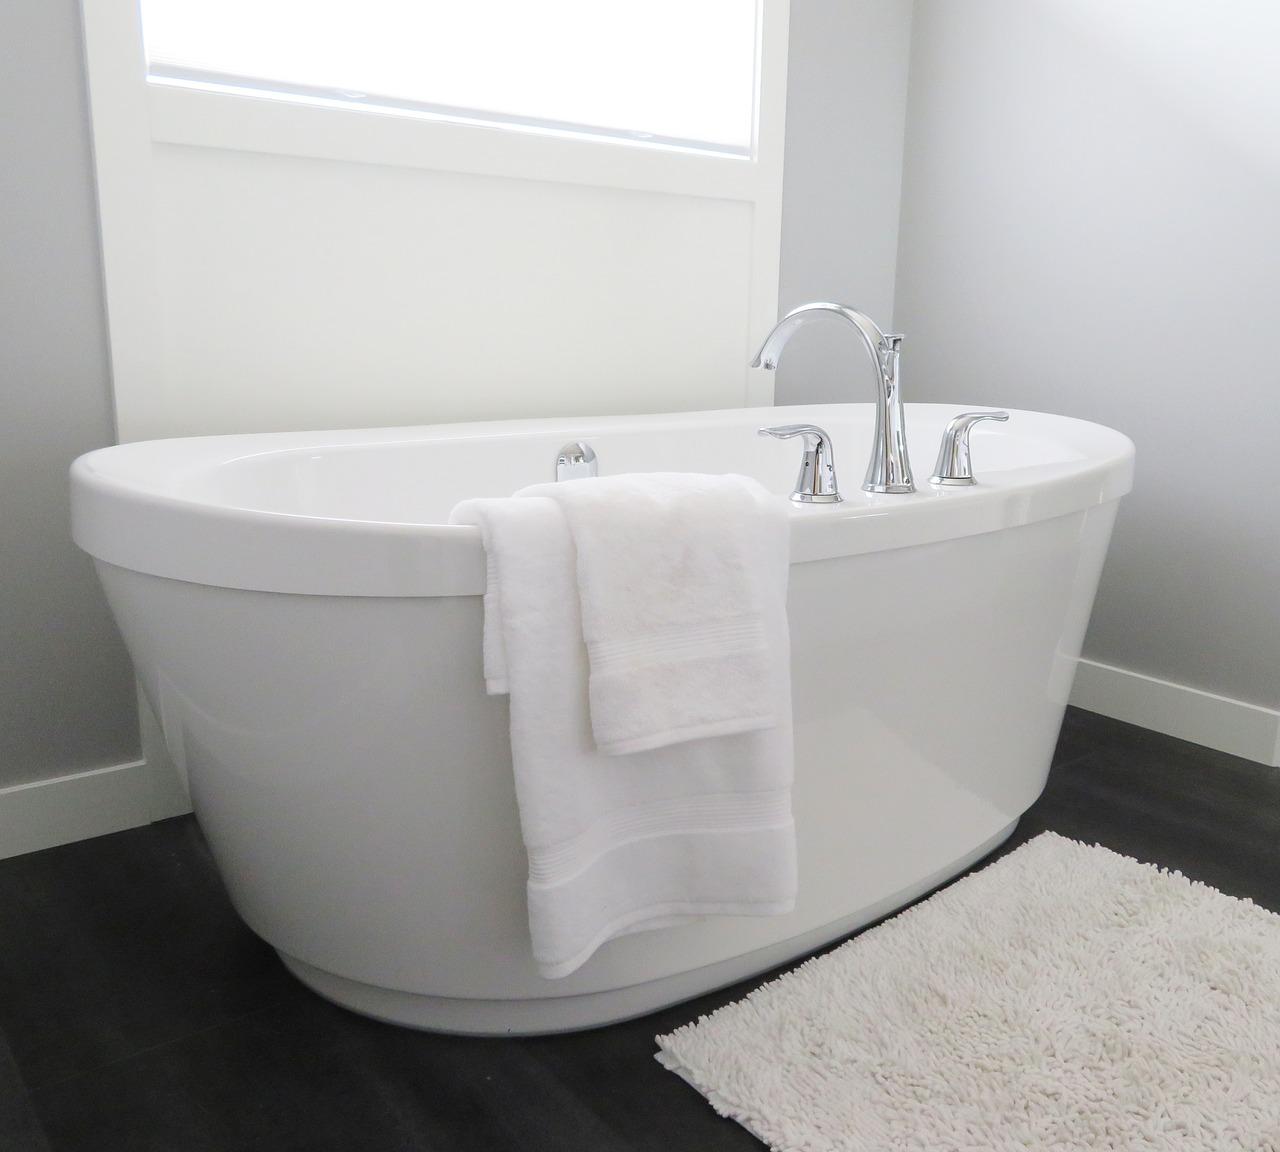 風呂場掃除|浴室のドア・鏡・浴槽の水垢におすすめ!掃除方法の基本